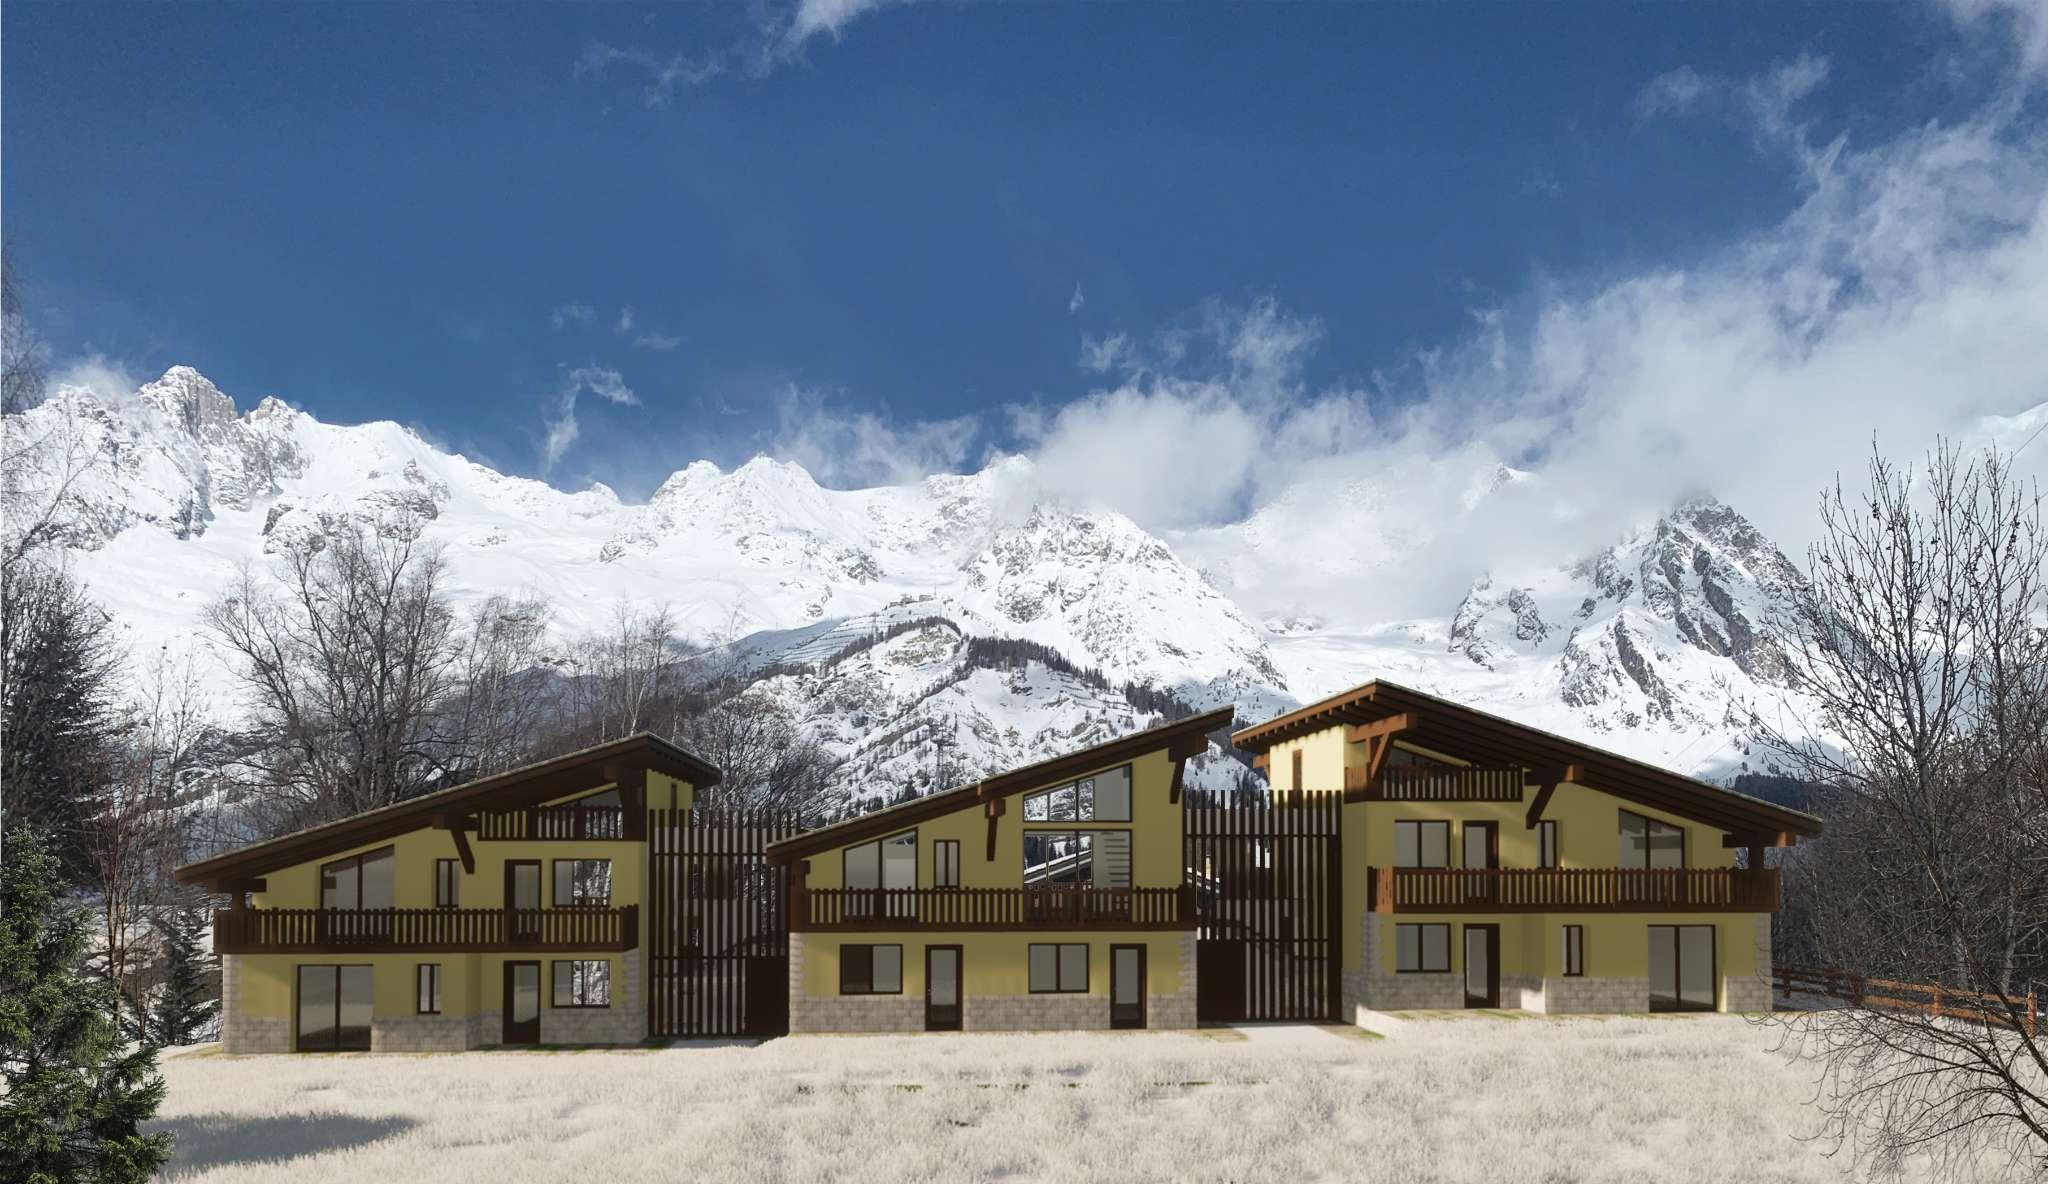 Palazzo / Stabile in vendita a Courmayeur, 10 locali, prezzo € 550.000 | PortaleAgenzieImmobiliari.it